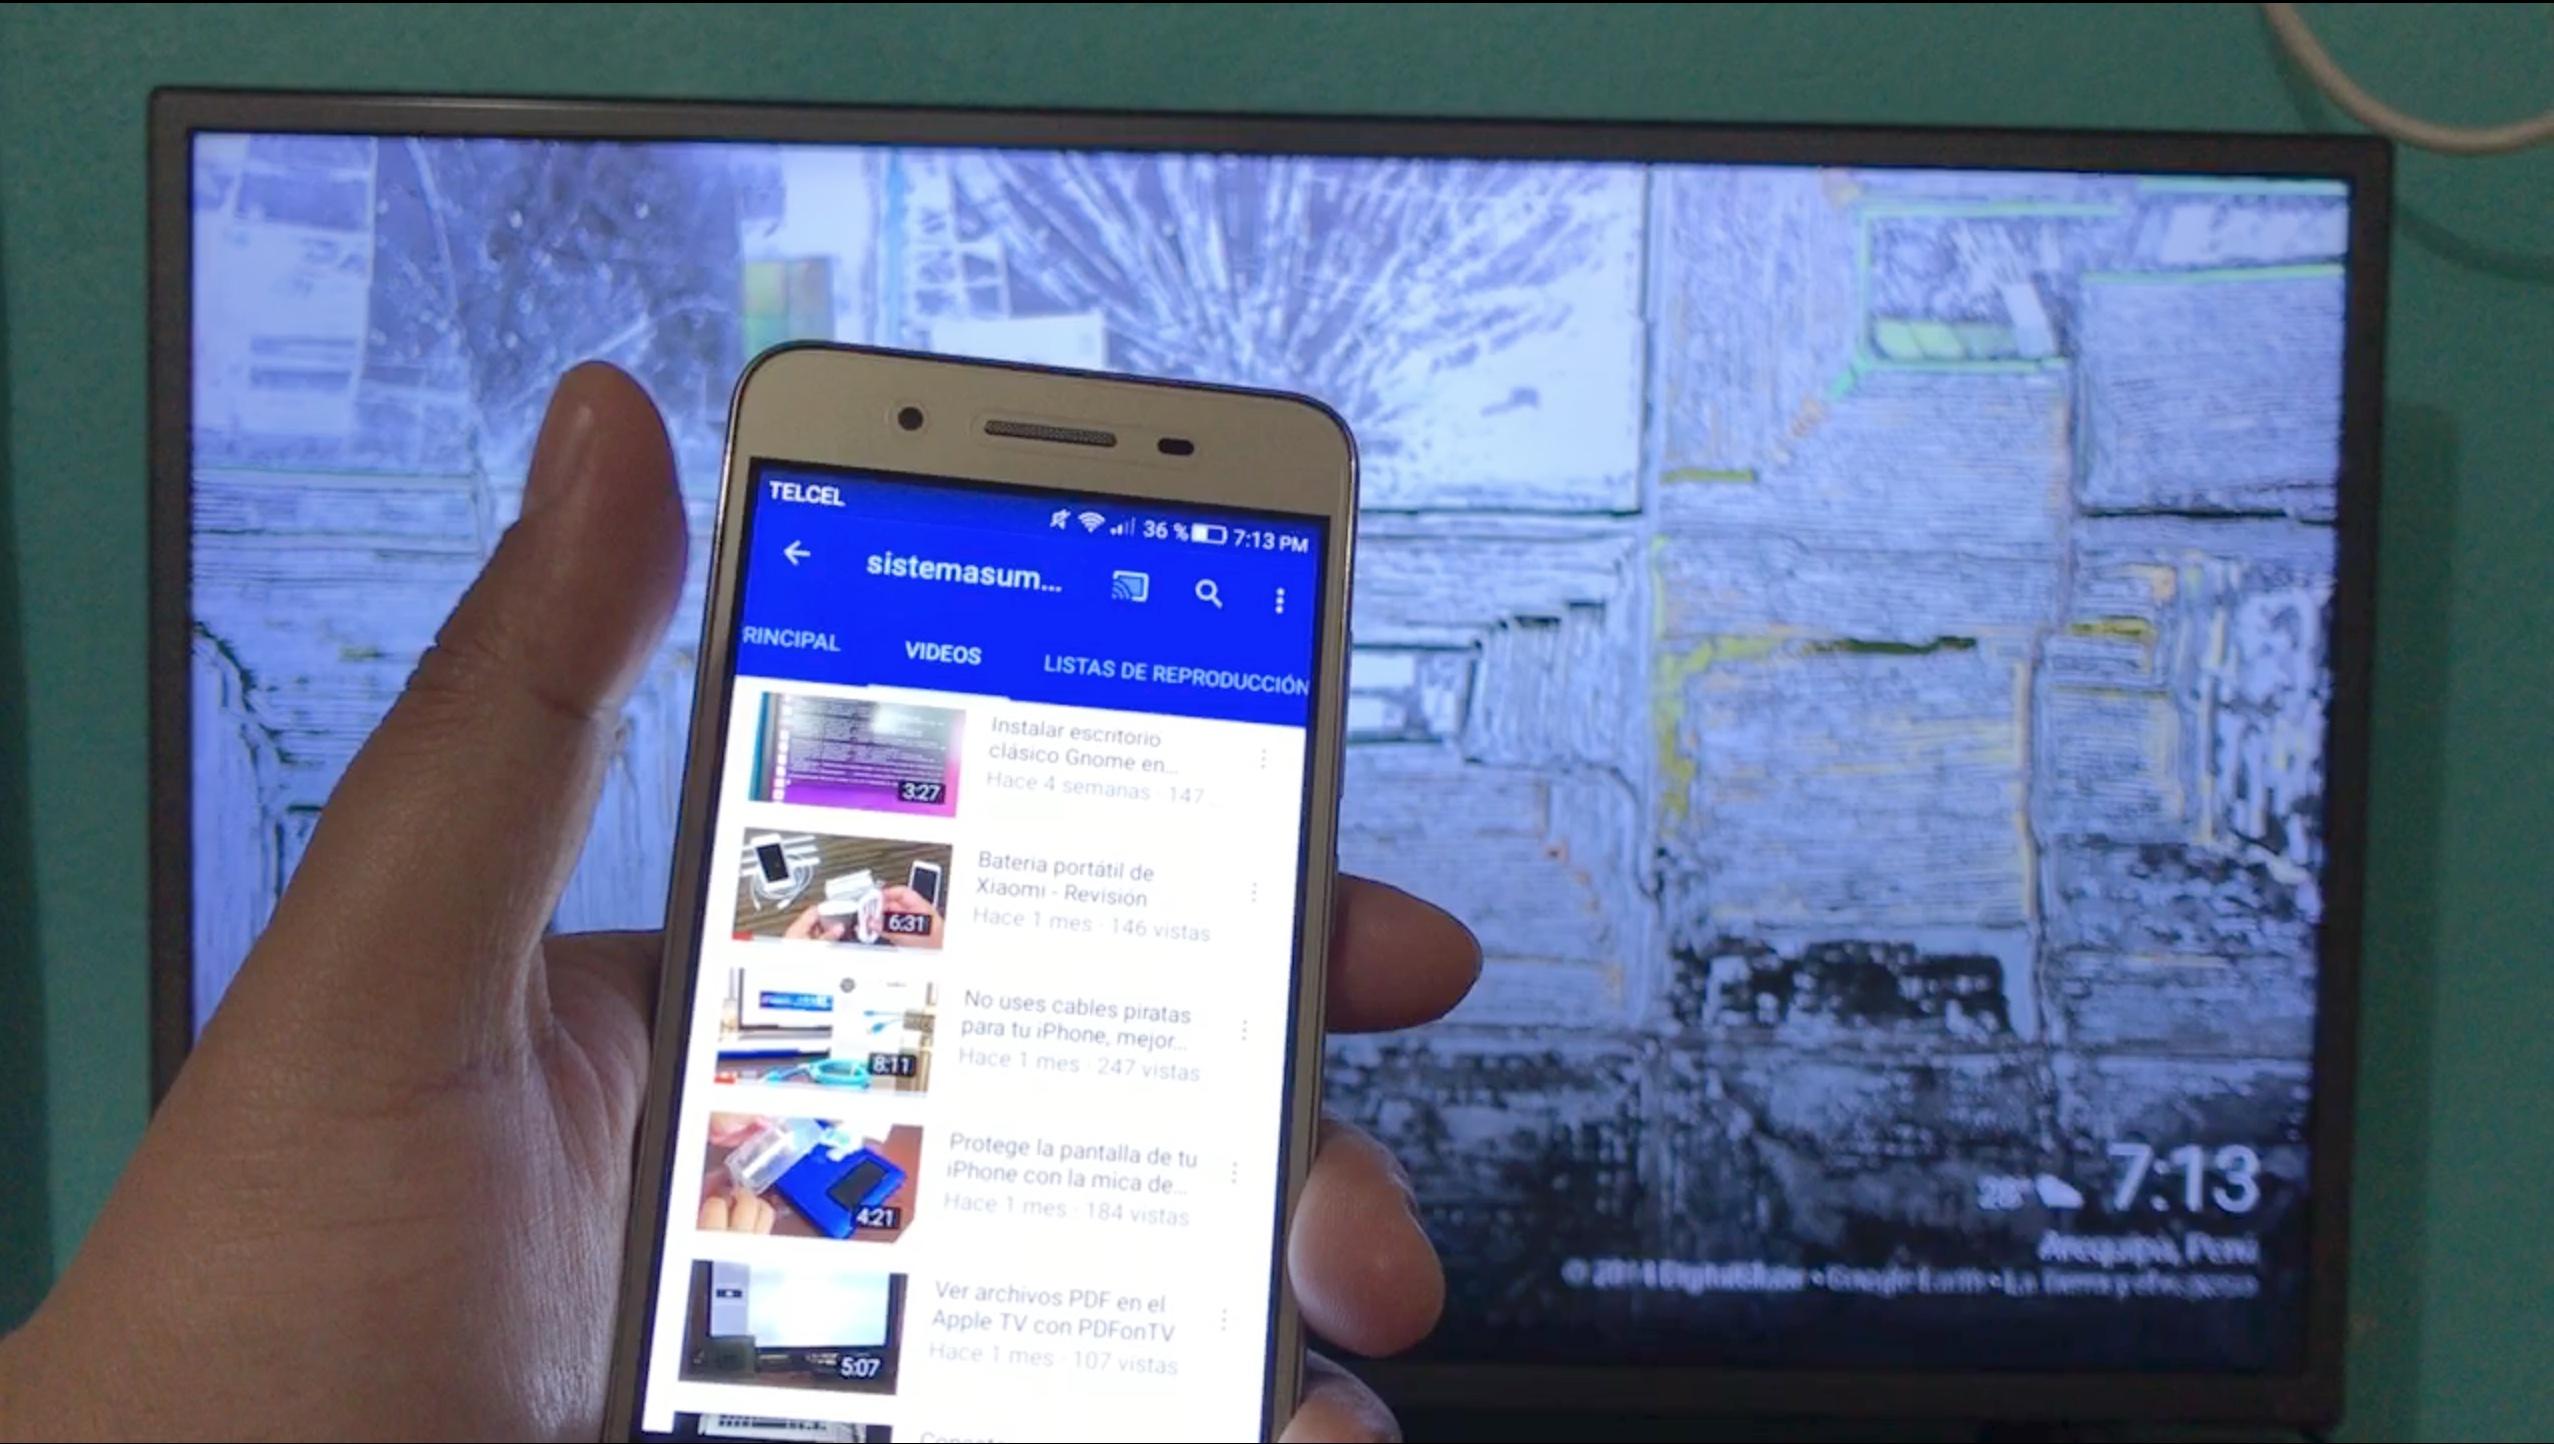 Paginas porno para ver en chrome cast Como Ver Peliculas Y Fotos En El Chromecast De Google